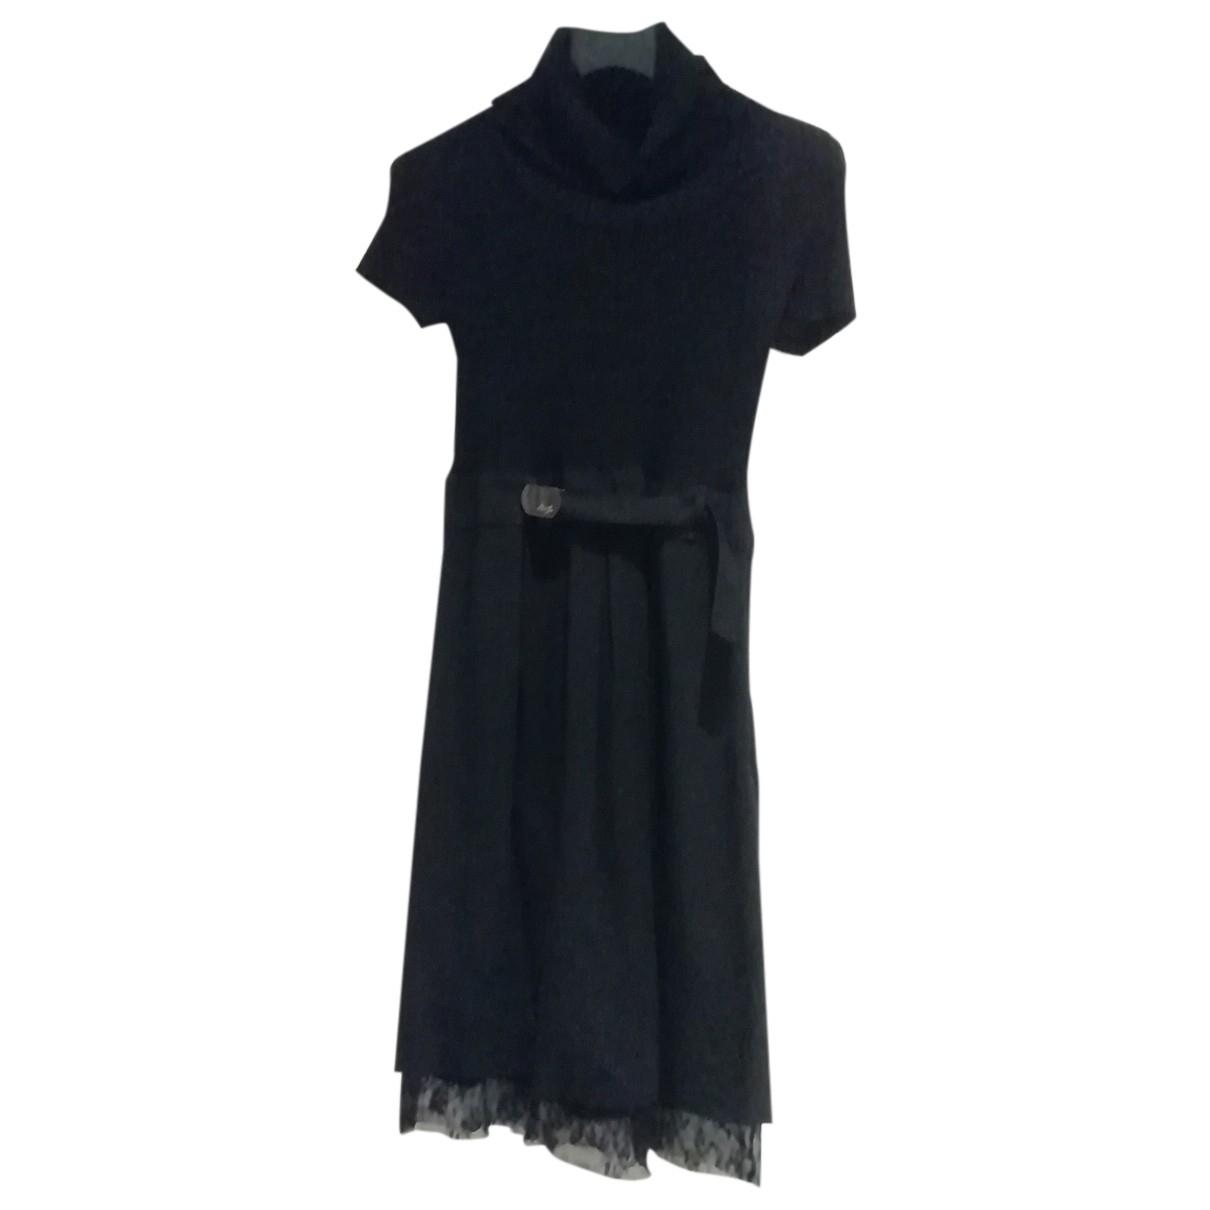 Liu.jo N Black Wool dress for Women S International